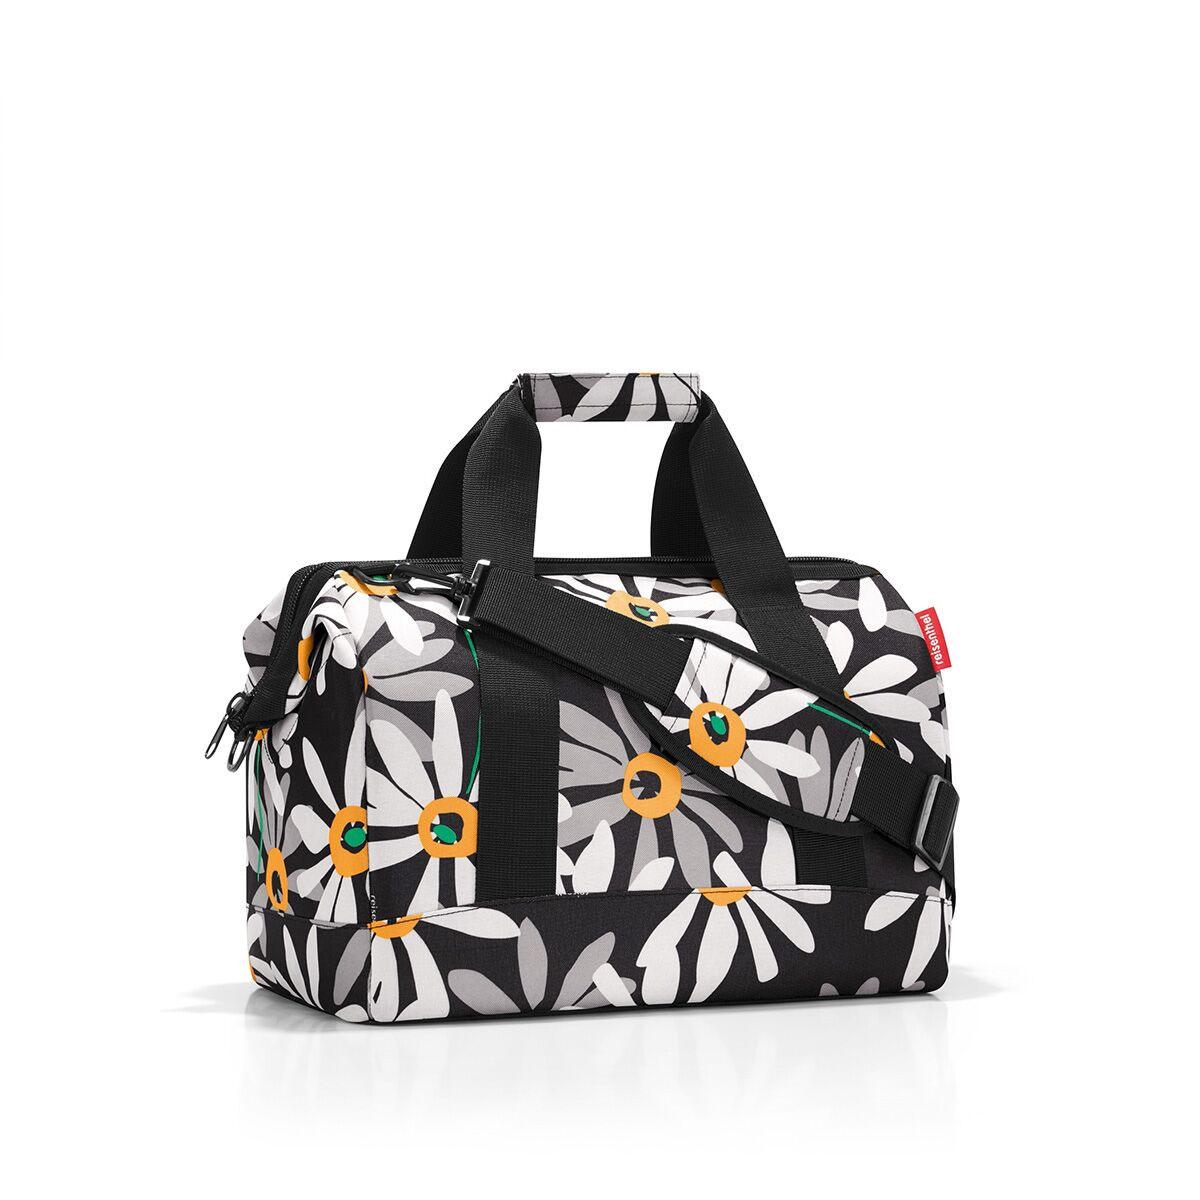 Сумка дорожная женская Reisenthel, цвет: черный, серый, белый. MS7038 сумка reisenthel changebag dots